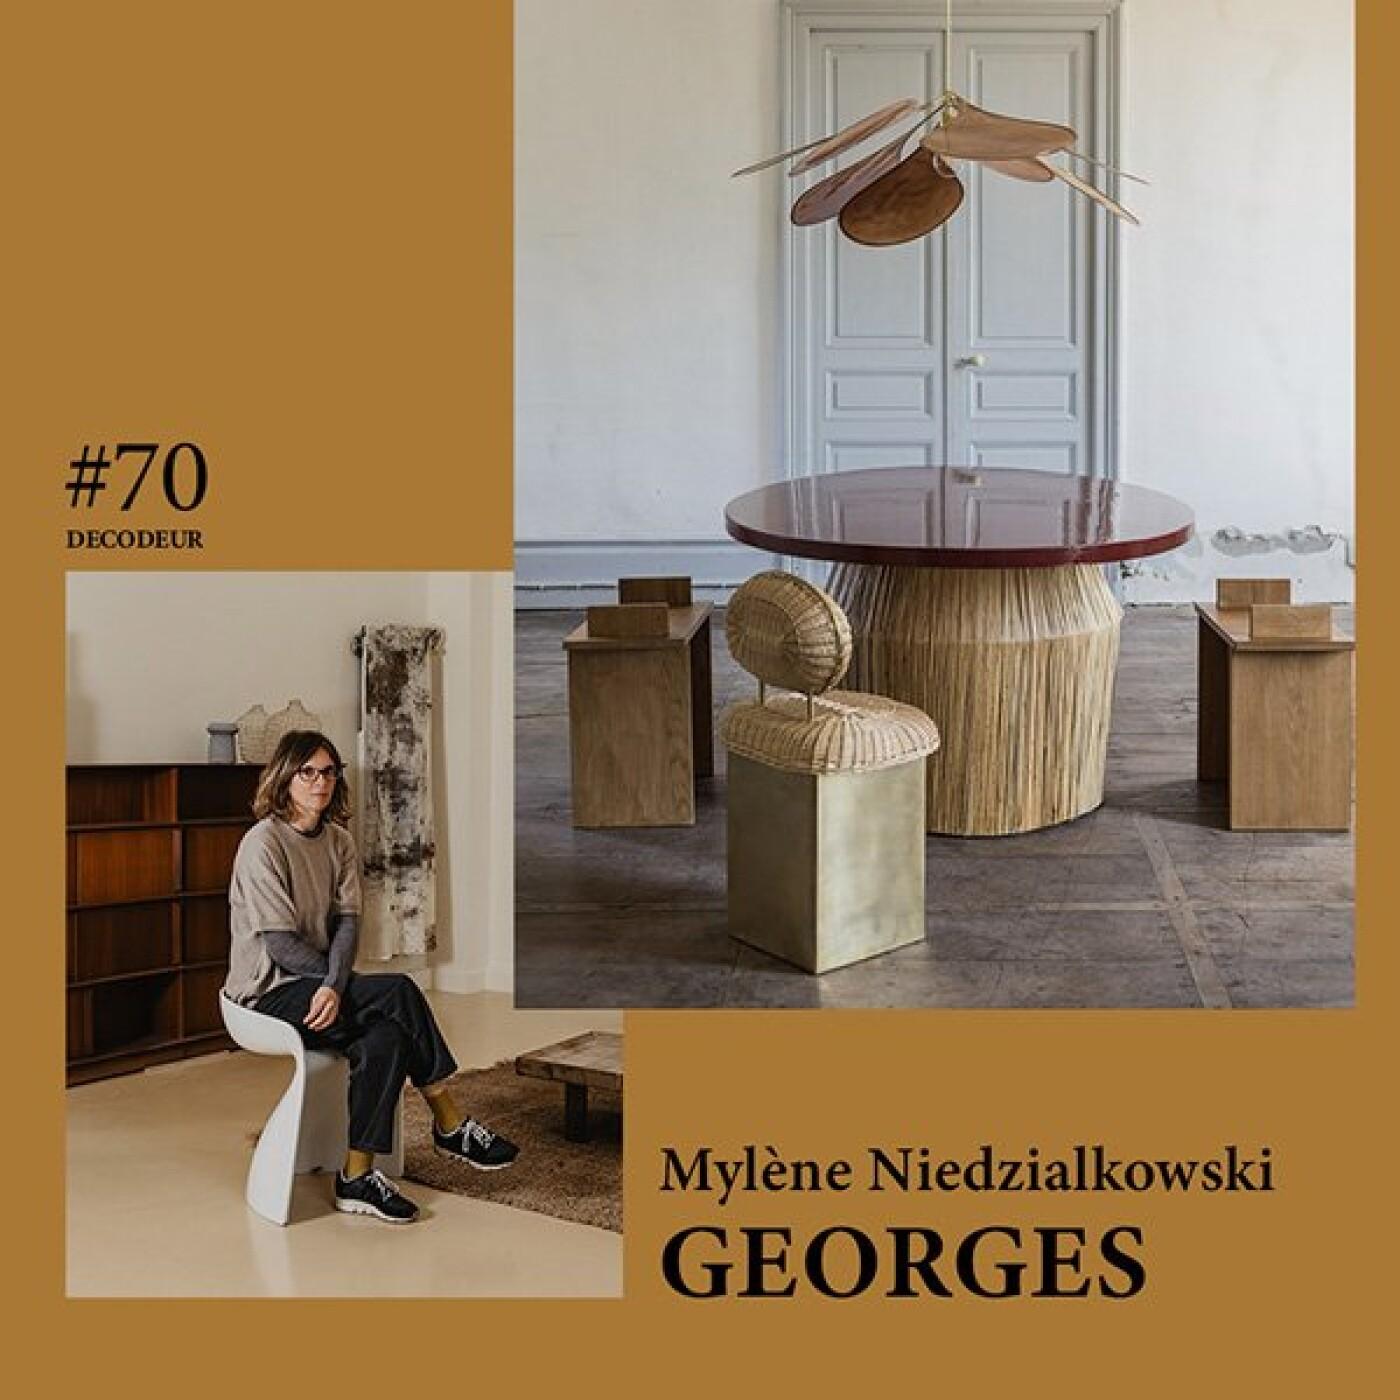 #70 Mylène Niedzialkowski / GEORGES // entre matières et artisanat au Pays Basque